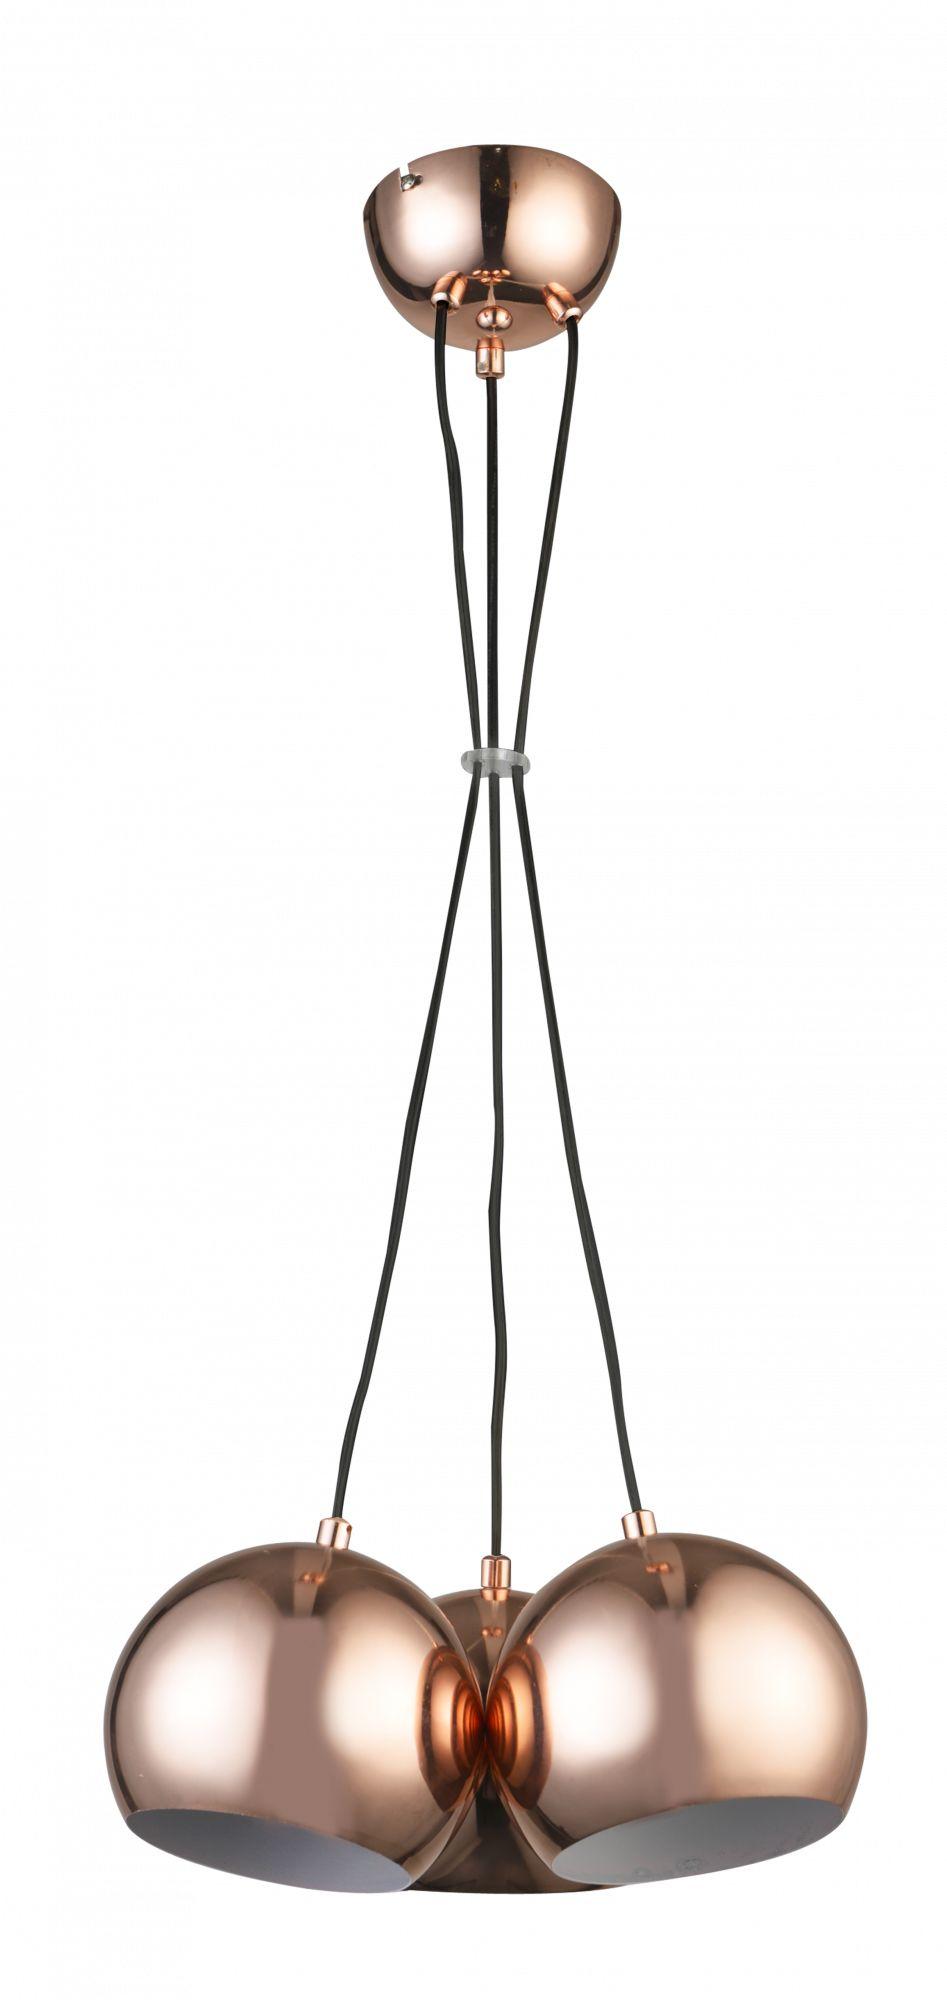 Lampa wisząca Rame 3 LP-2014/3P Light Prestige nowoczesna oprawa w kolorze miedzianym